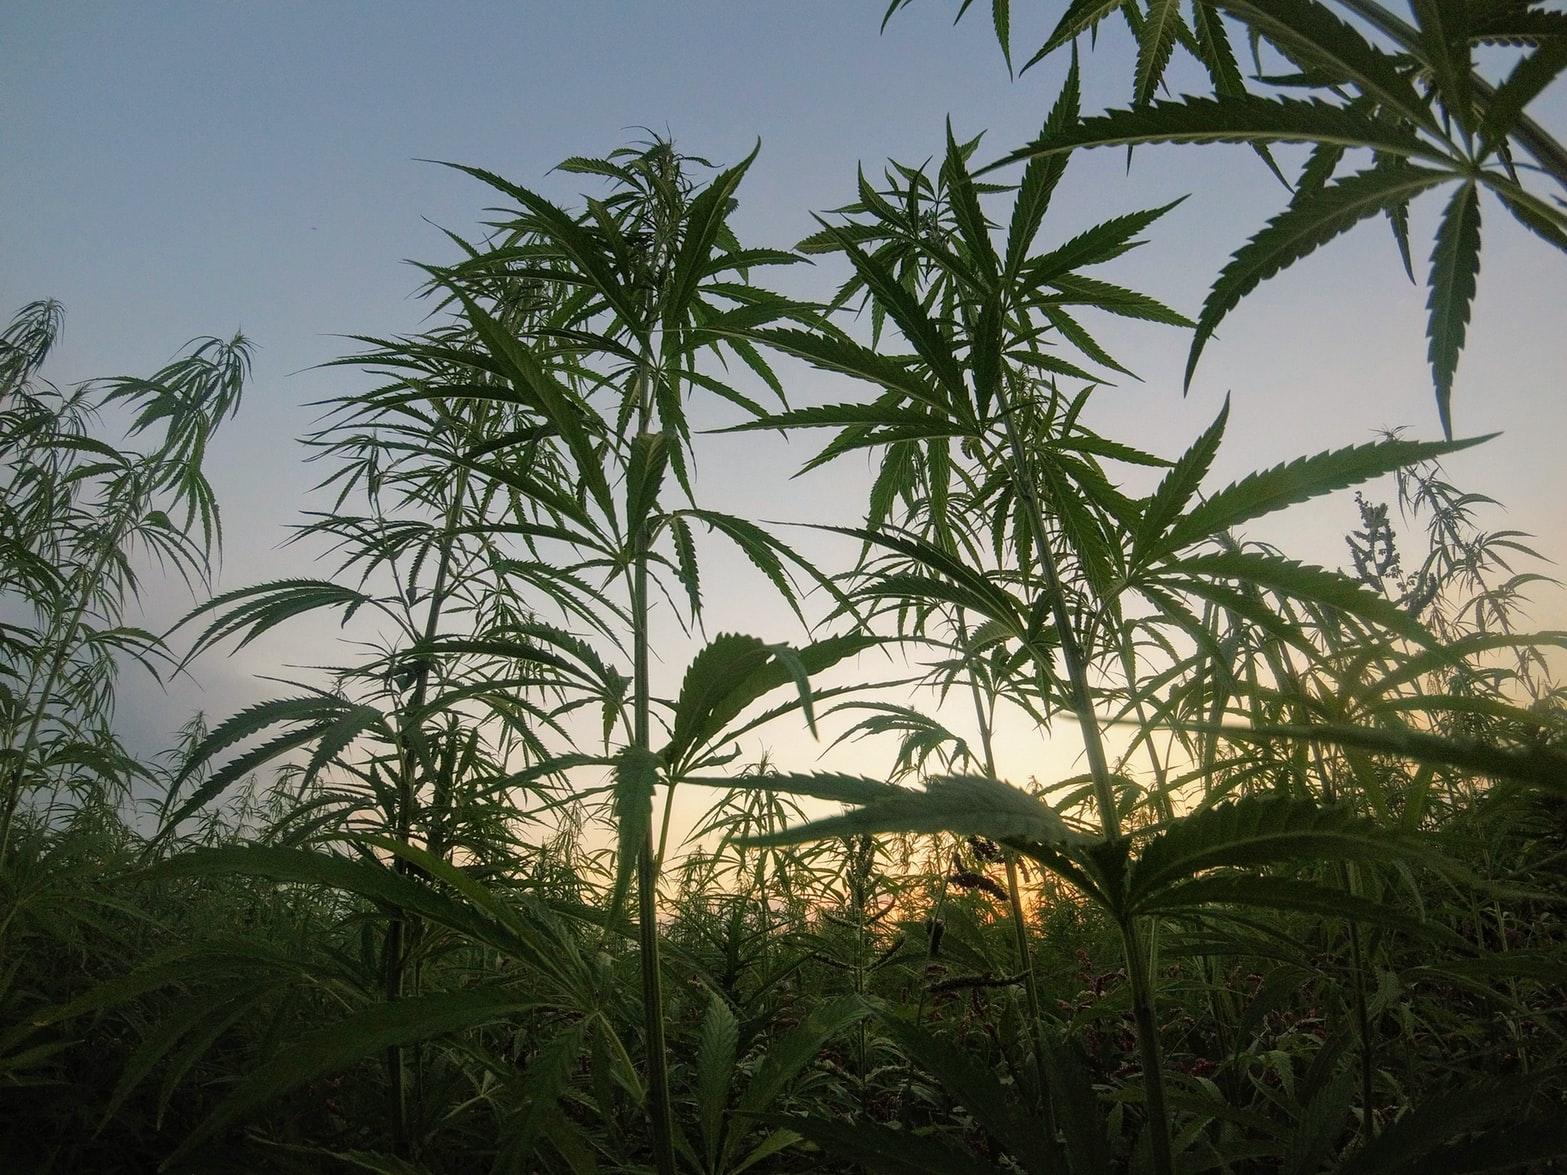 Jak to vypadá s legalizací marihuany v ČR? 3